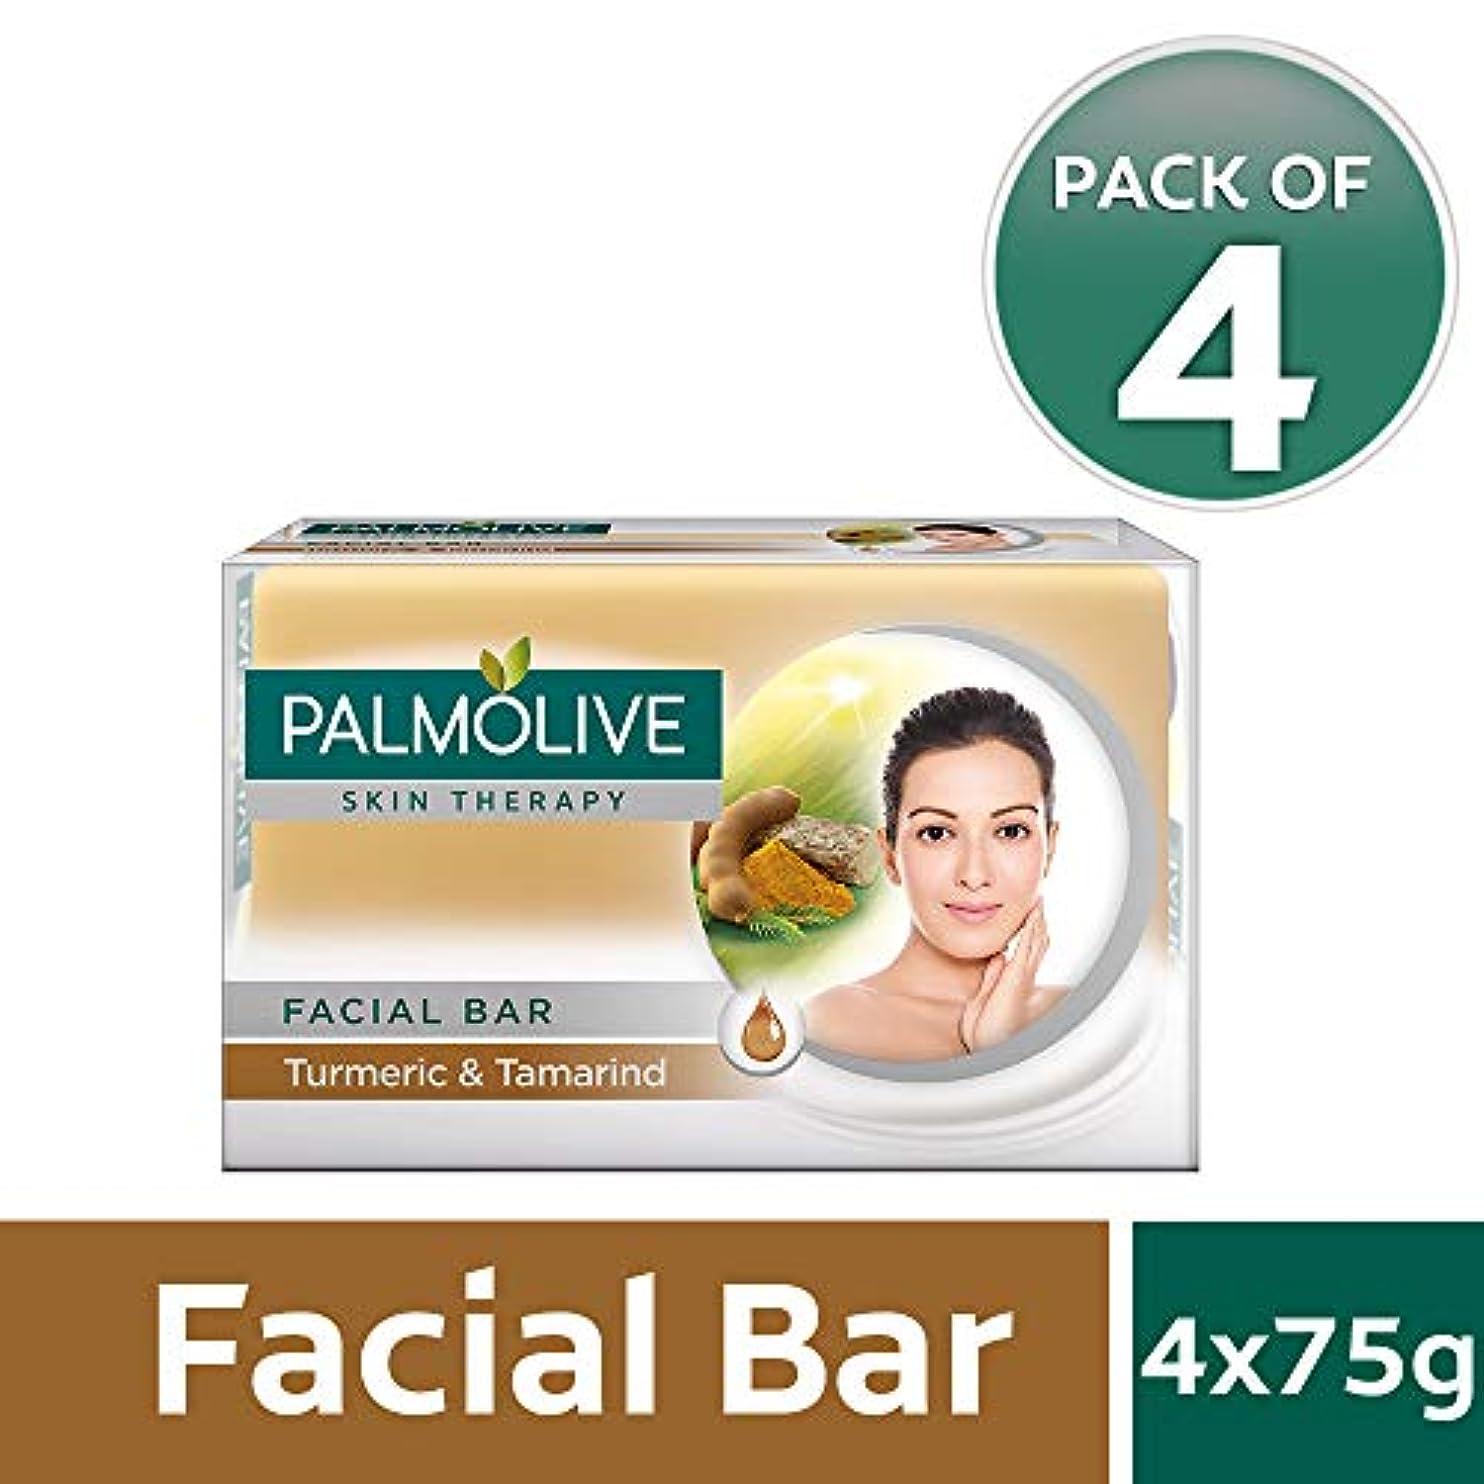 推定疑わしい進行中Palmolive Skin Therapy Facial Bar Soap with Turmeric and Tamarind - 75g (Pack of 4)